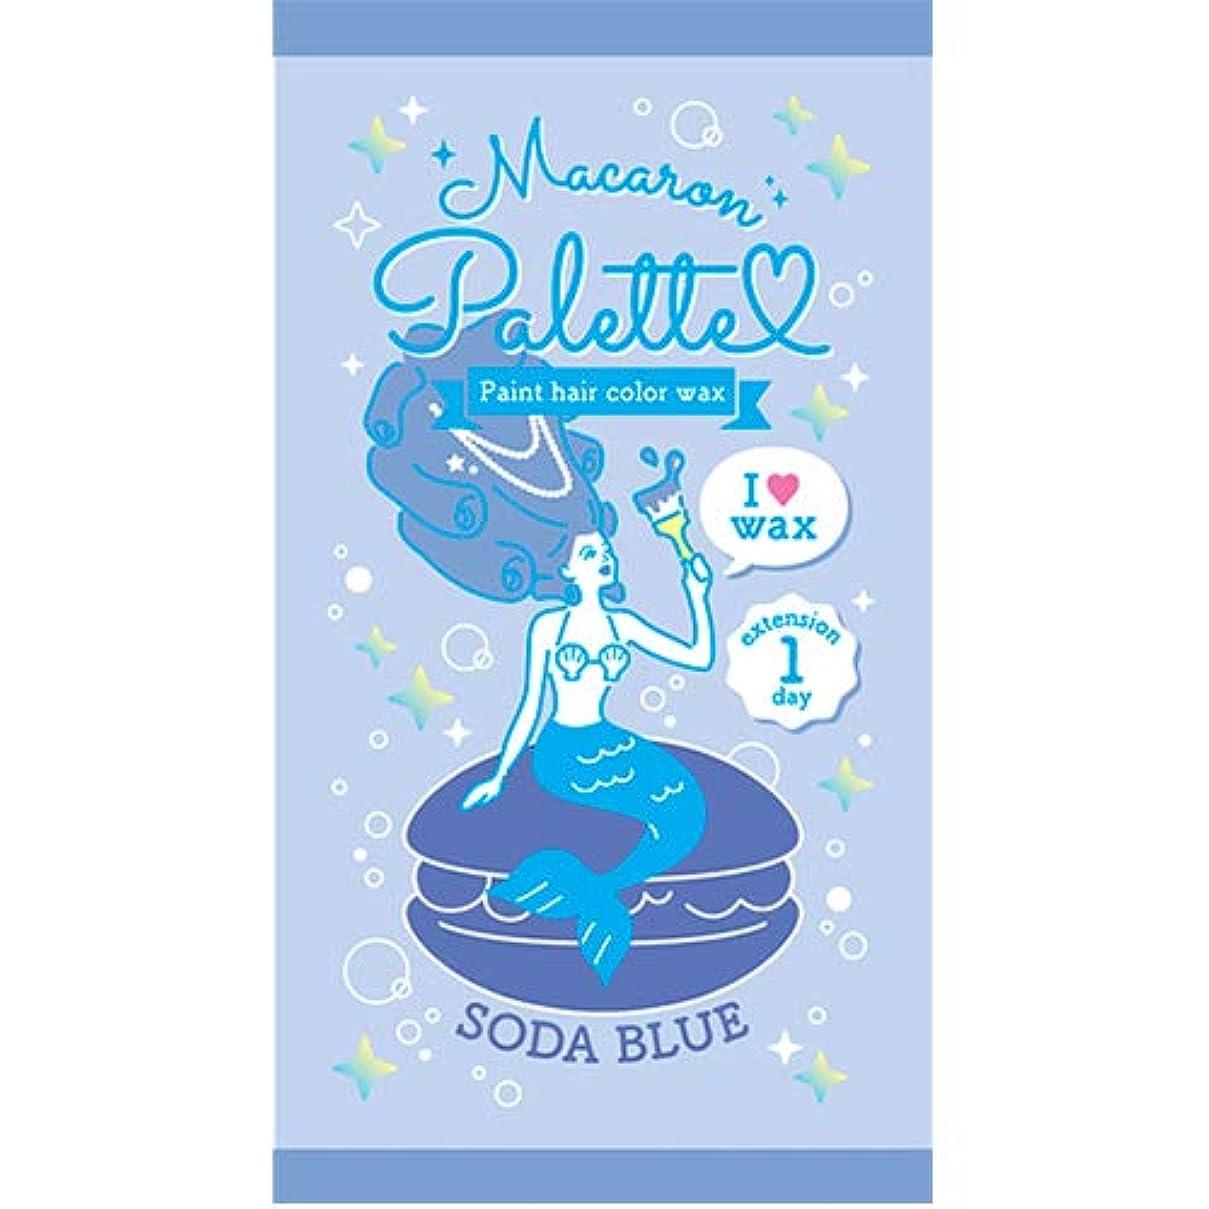 マカロンパレット カラーワックス SB (7g) ソーダブルー SODA BLUE